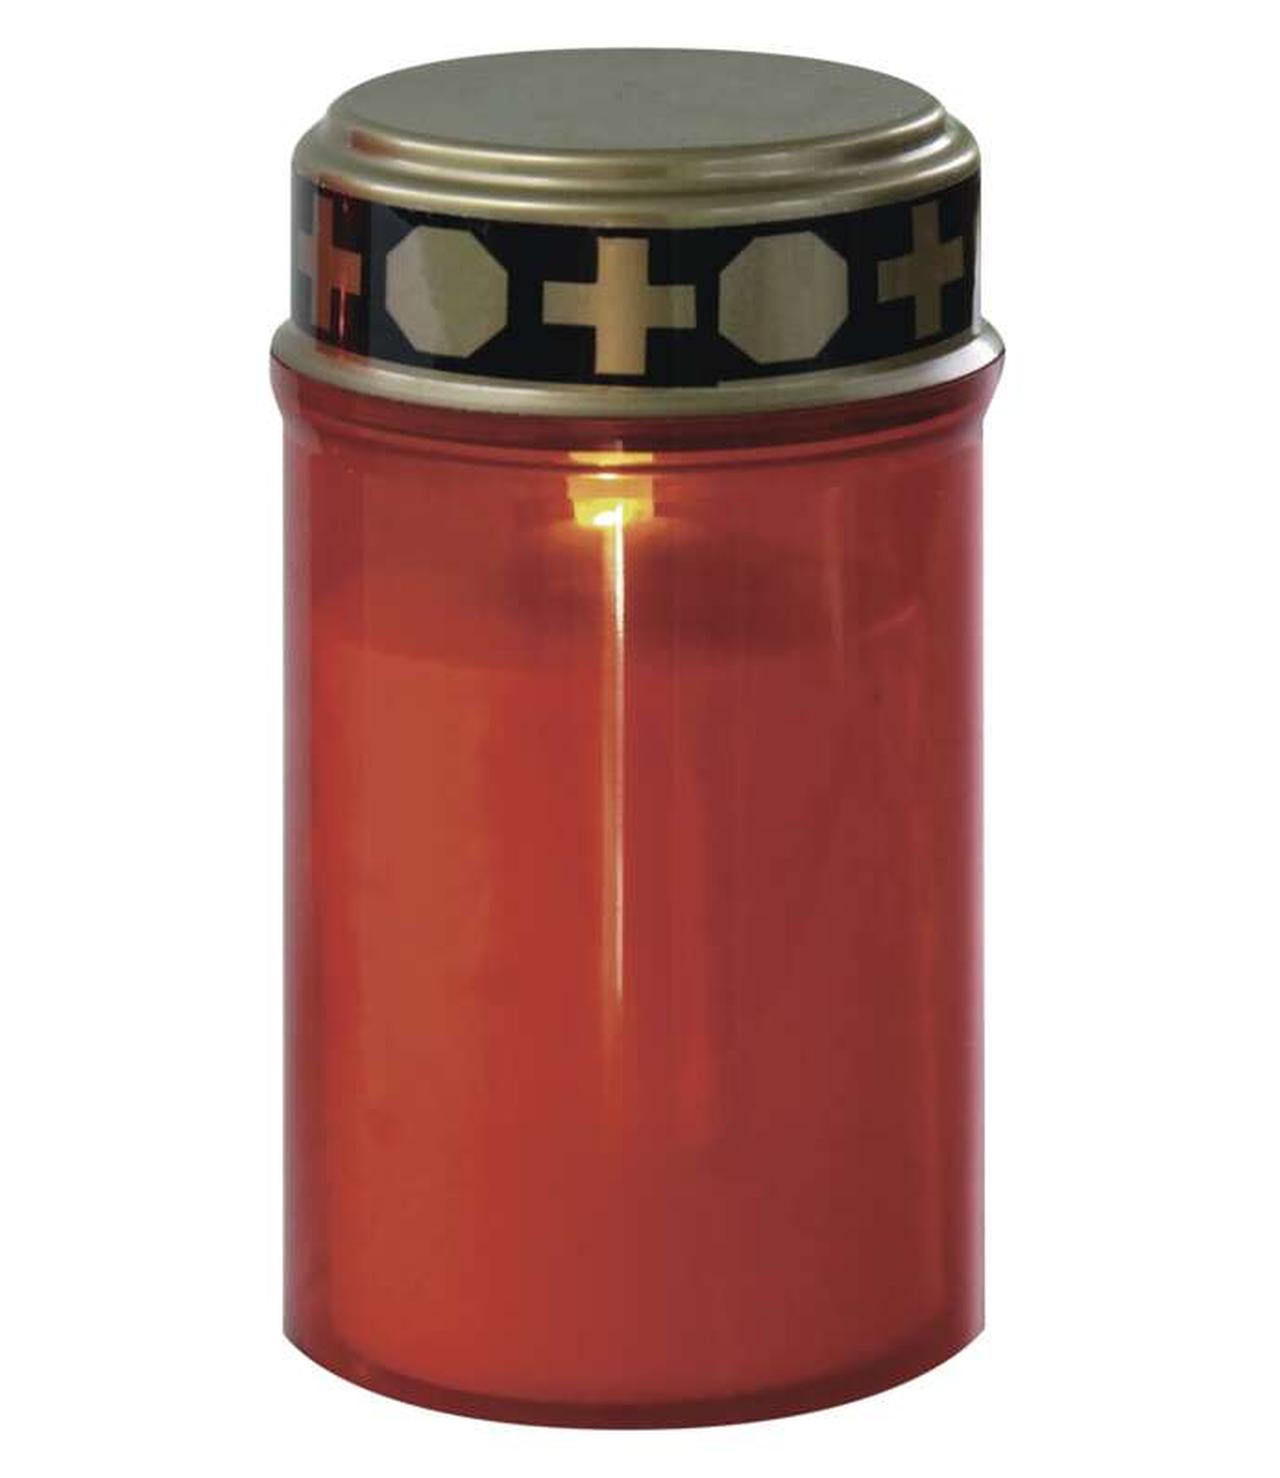 EMOS LED hřbitovní svíčka červená se senzorem DCCV20